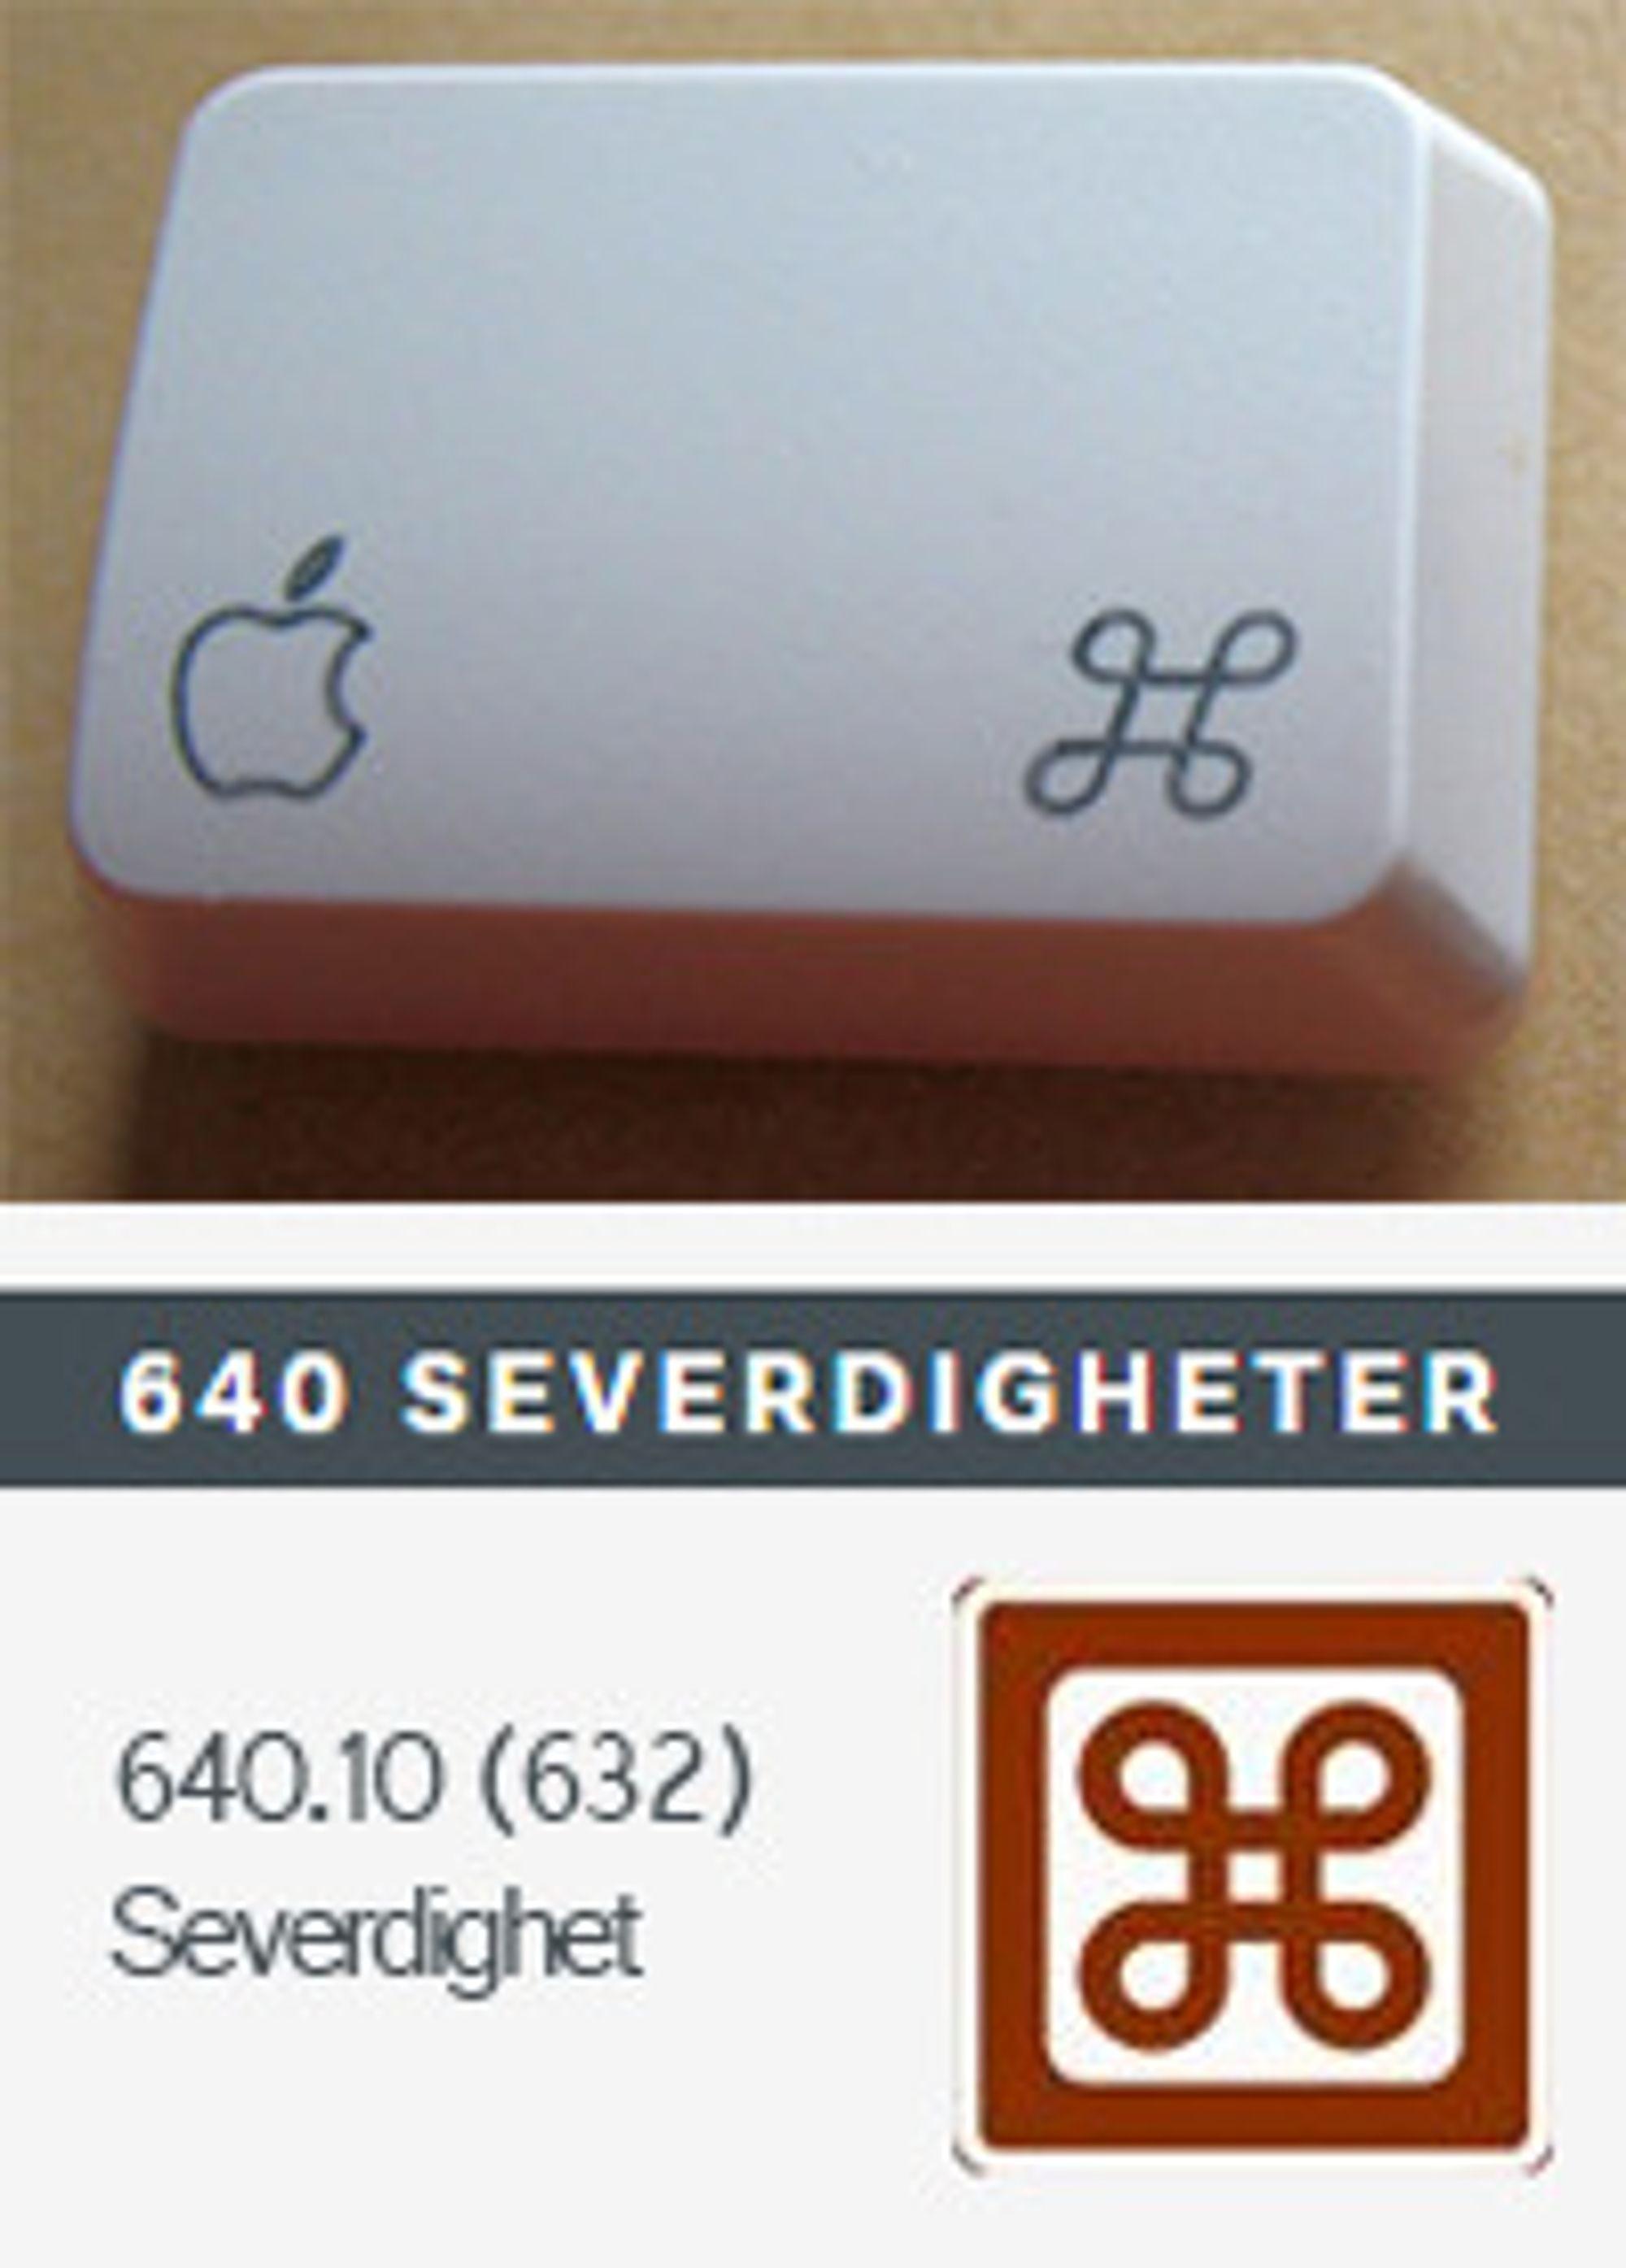 Samme symbol, flere bruksområder.